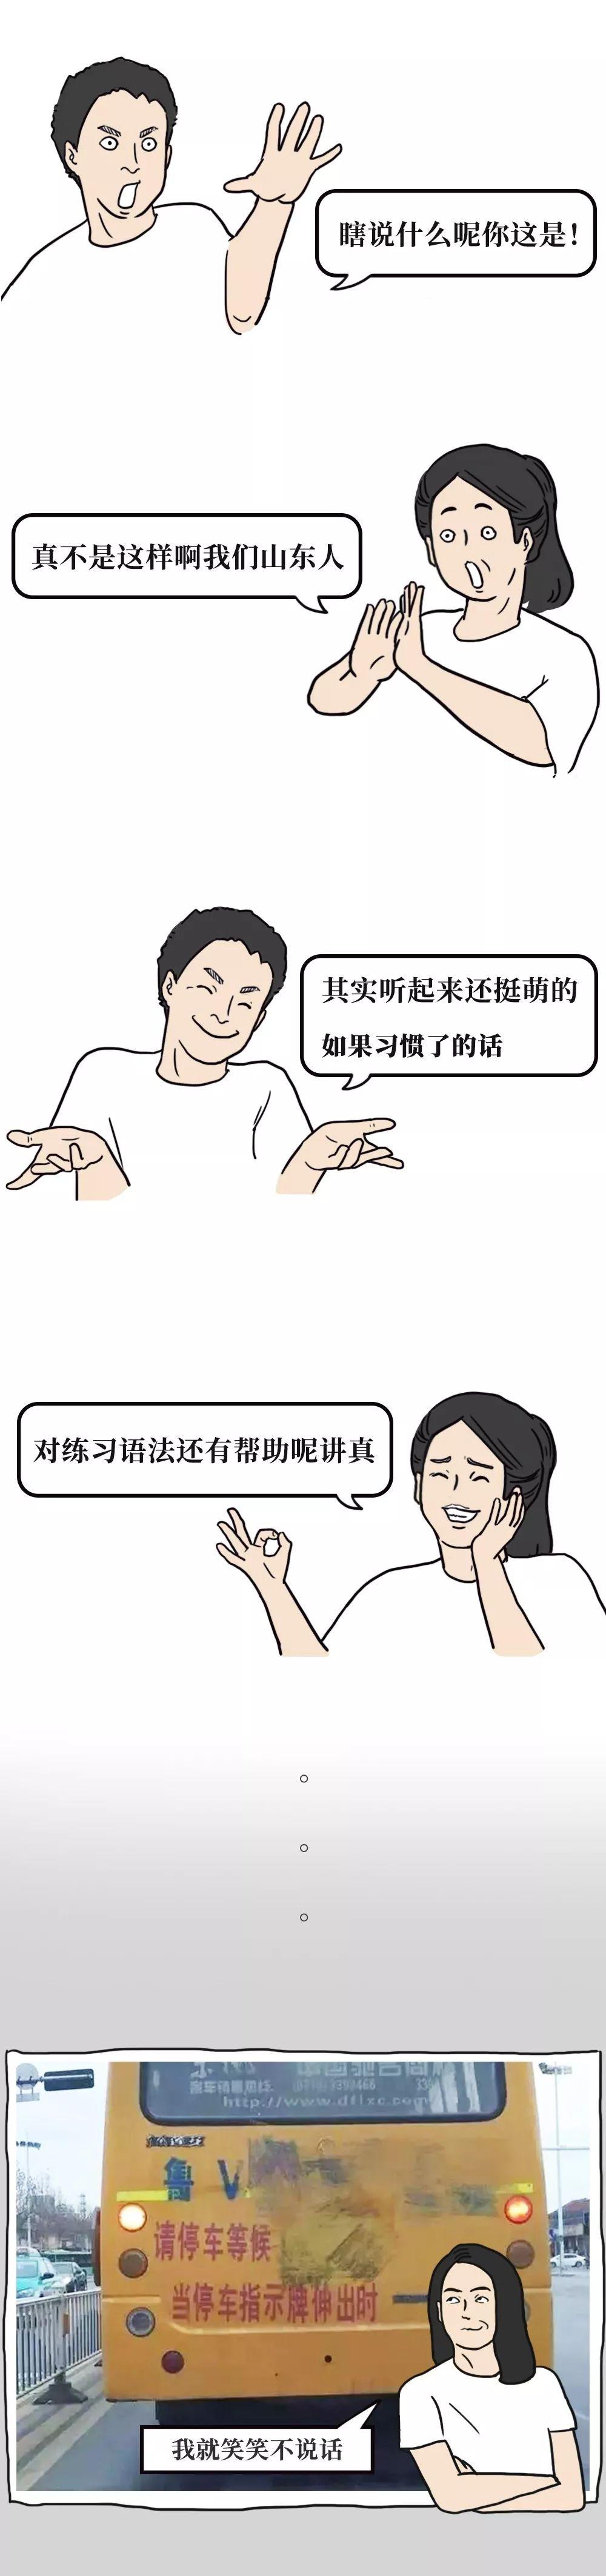 山东人为什么爱用倒装句?没有吧我觉得